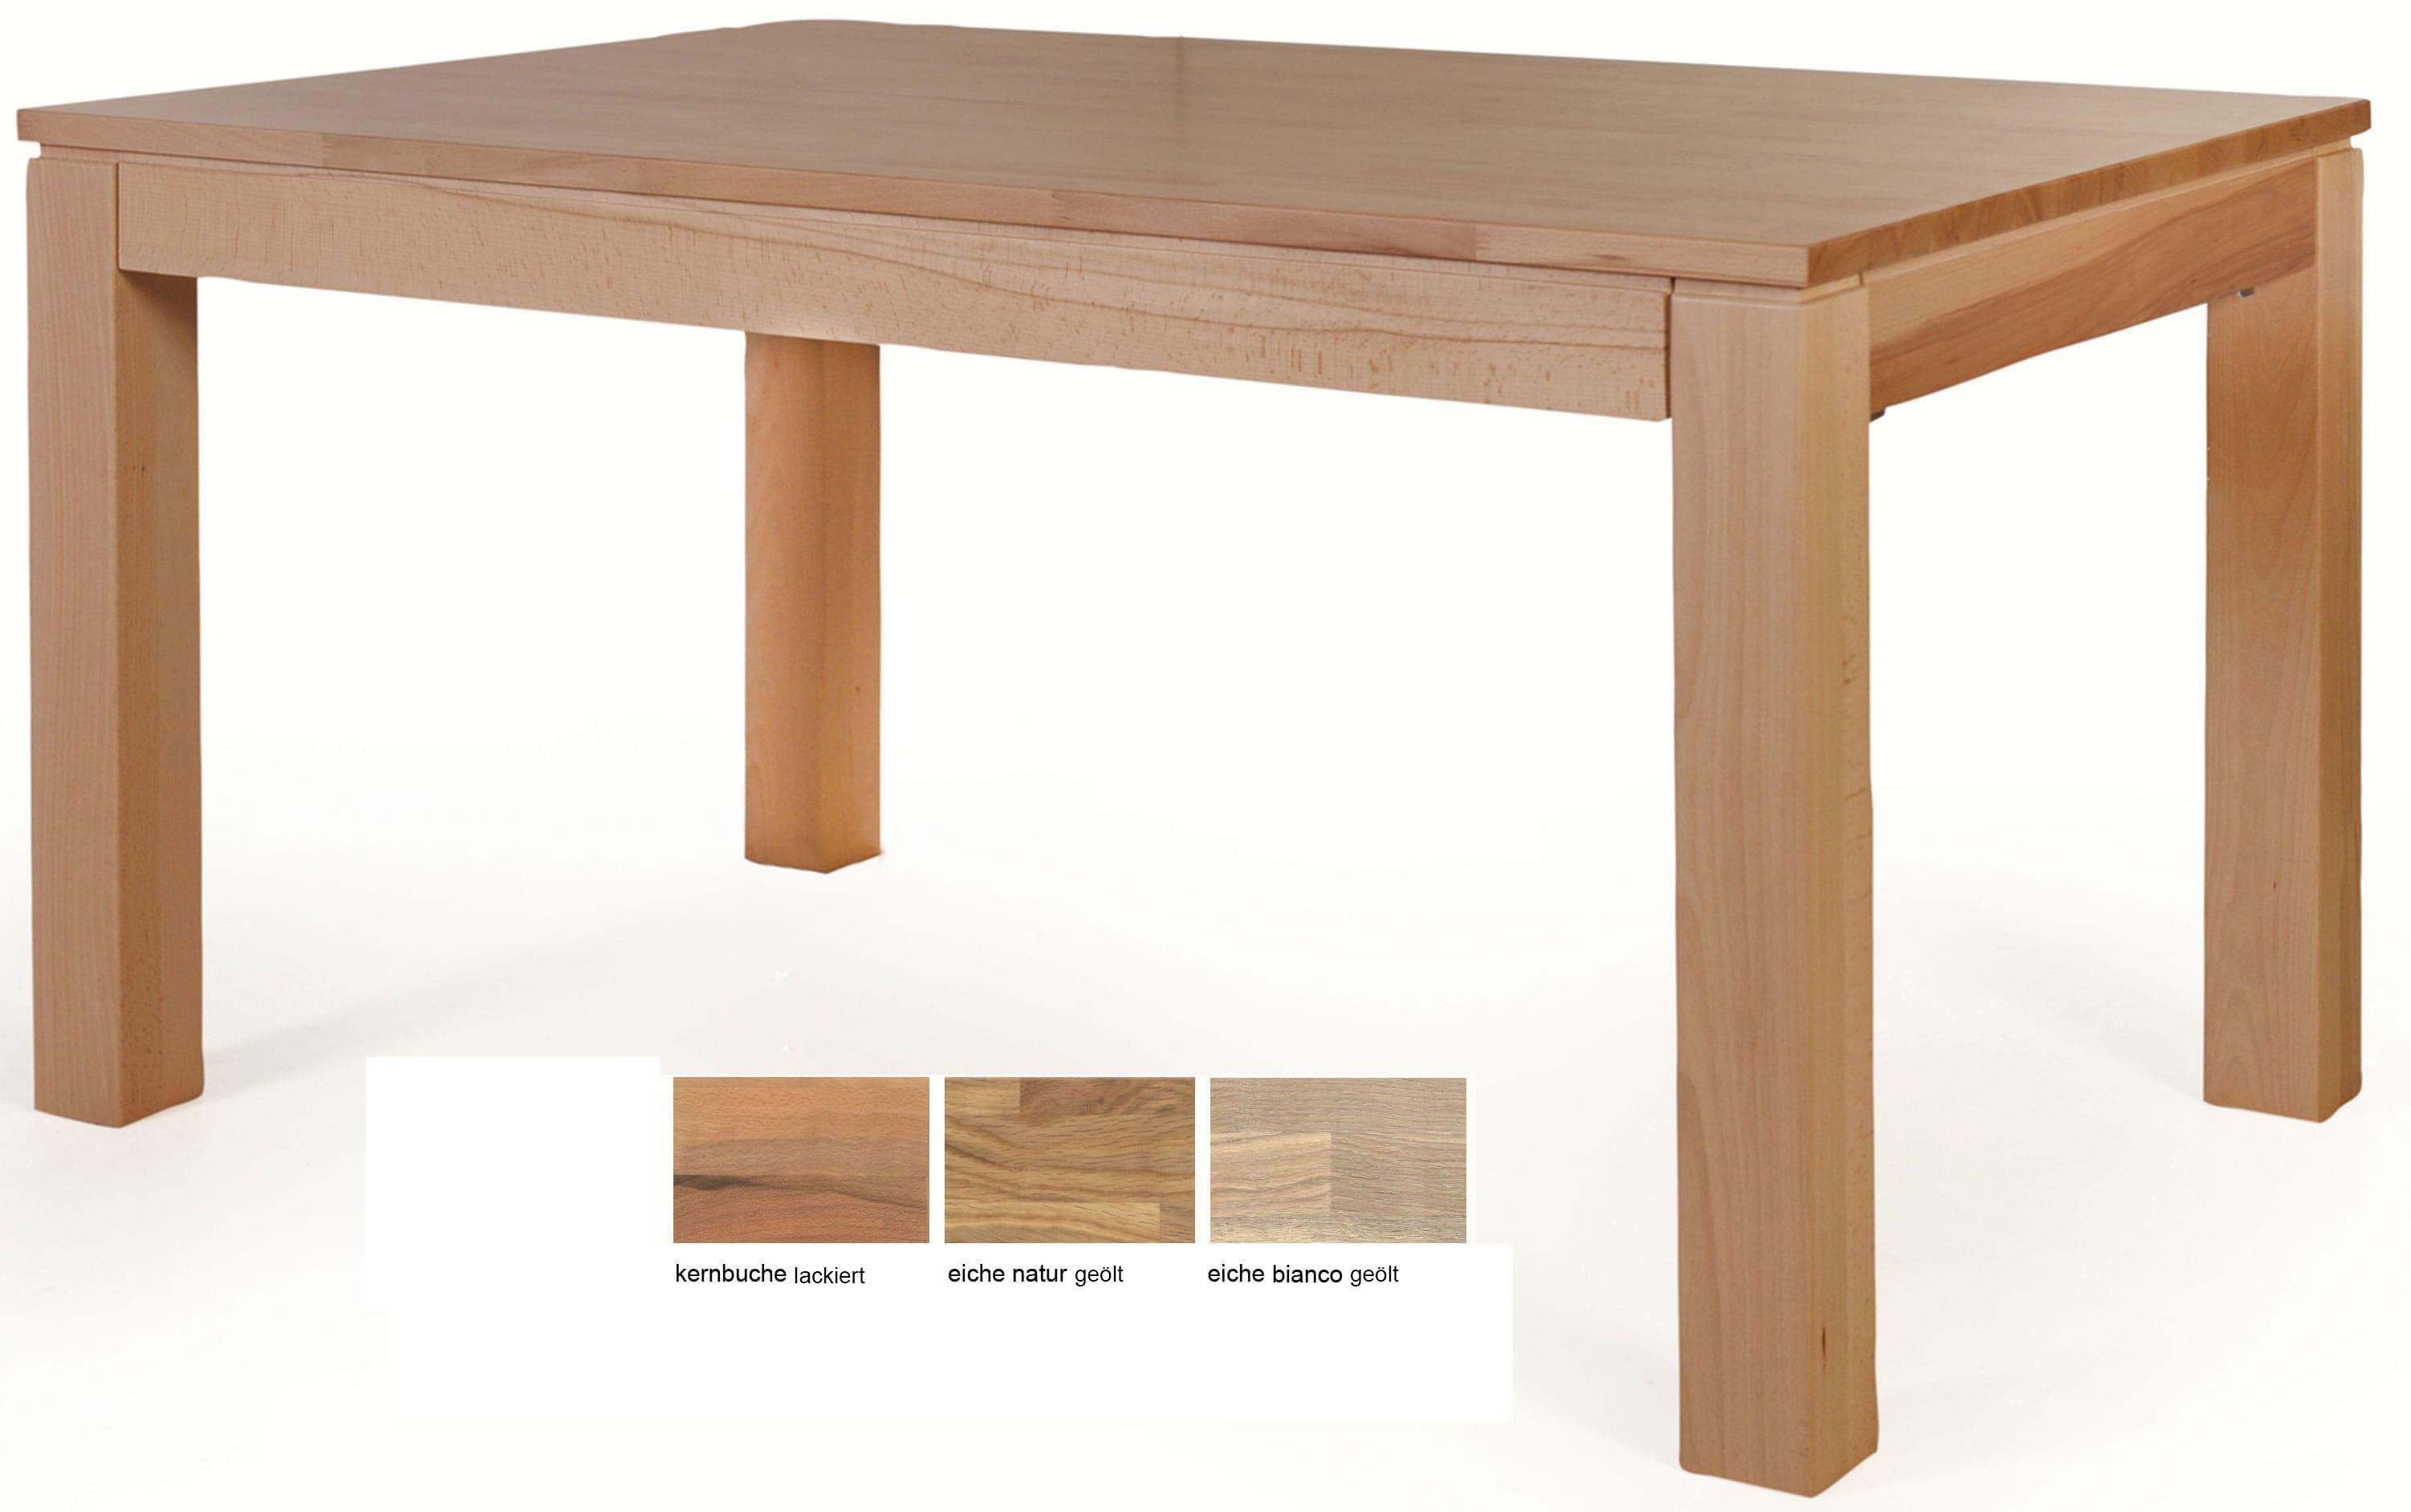 Standard Furniture Toby Massivholztisch kernbuche 160x90 cm ausziehbar